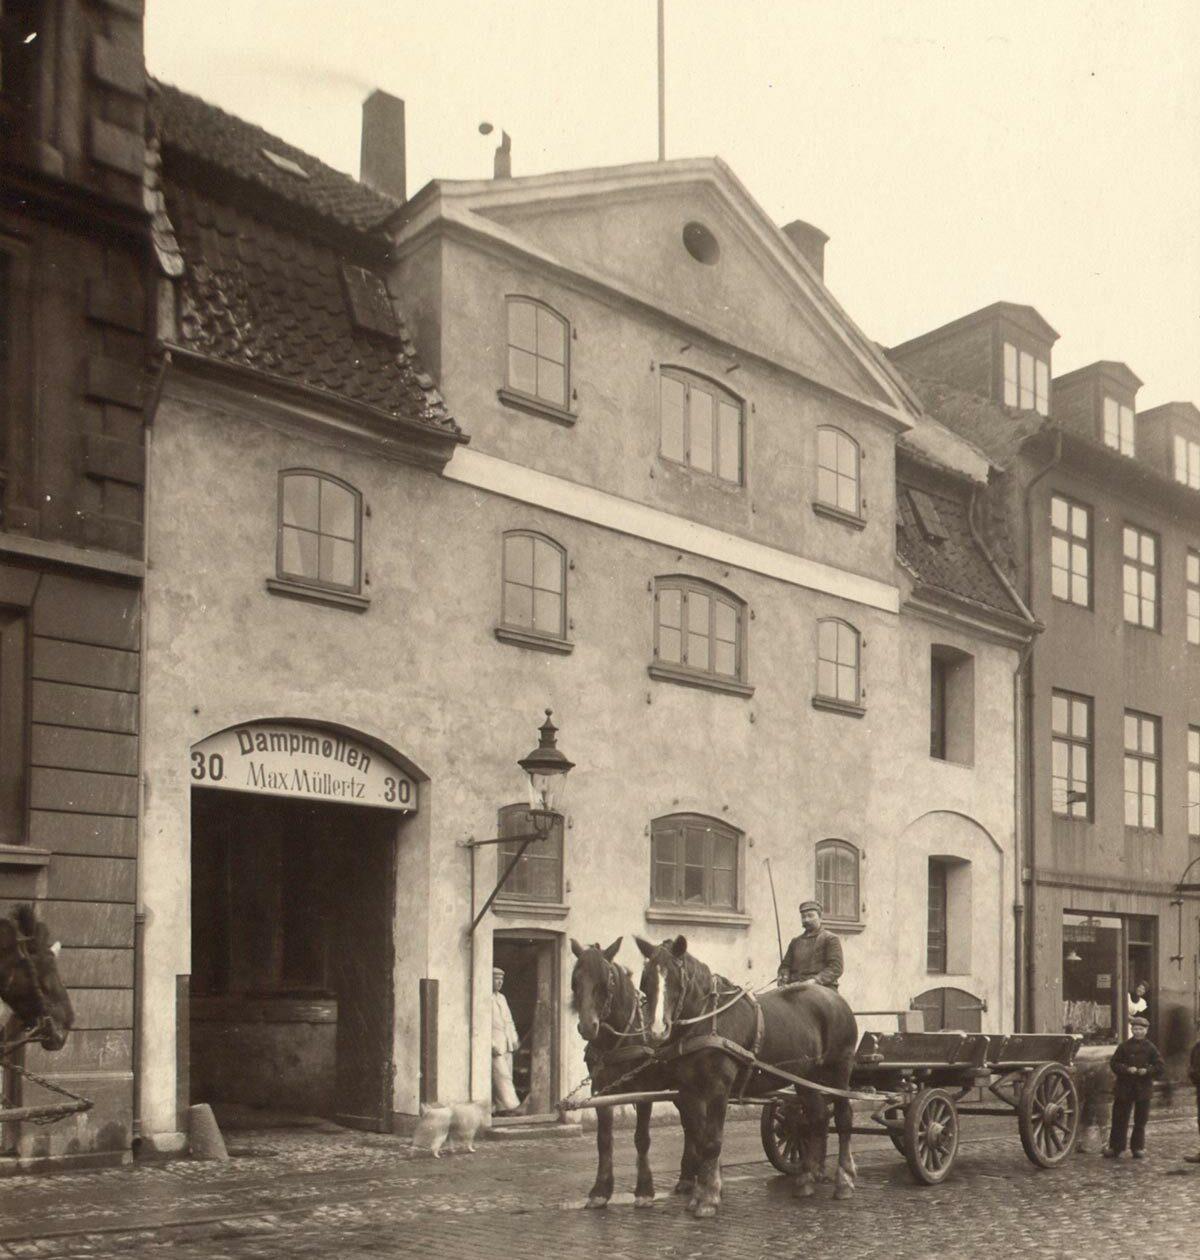 Overgaden oven Vandet 30. Foto 1905: Ukendt fotograf, Københavns Museum.